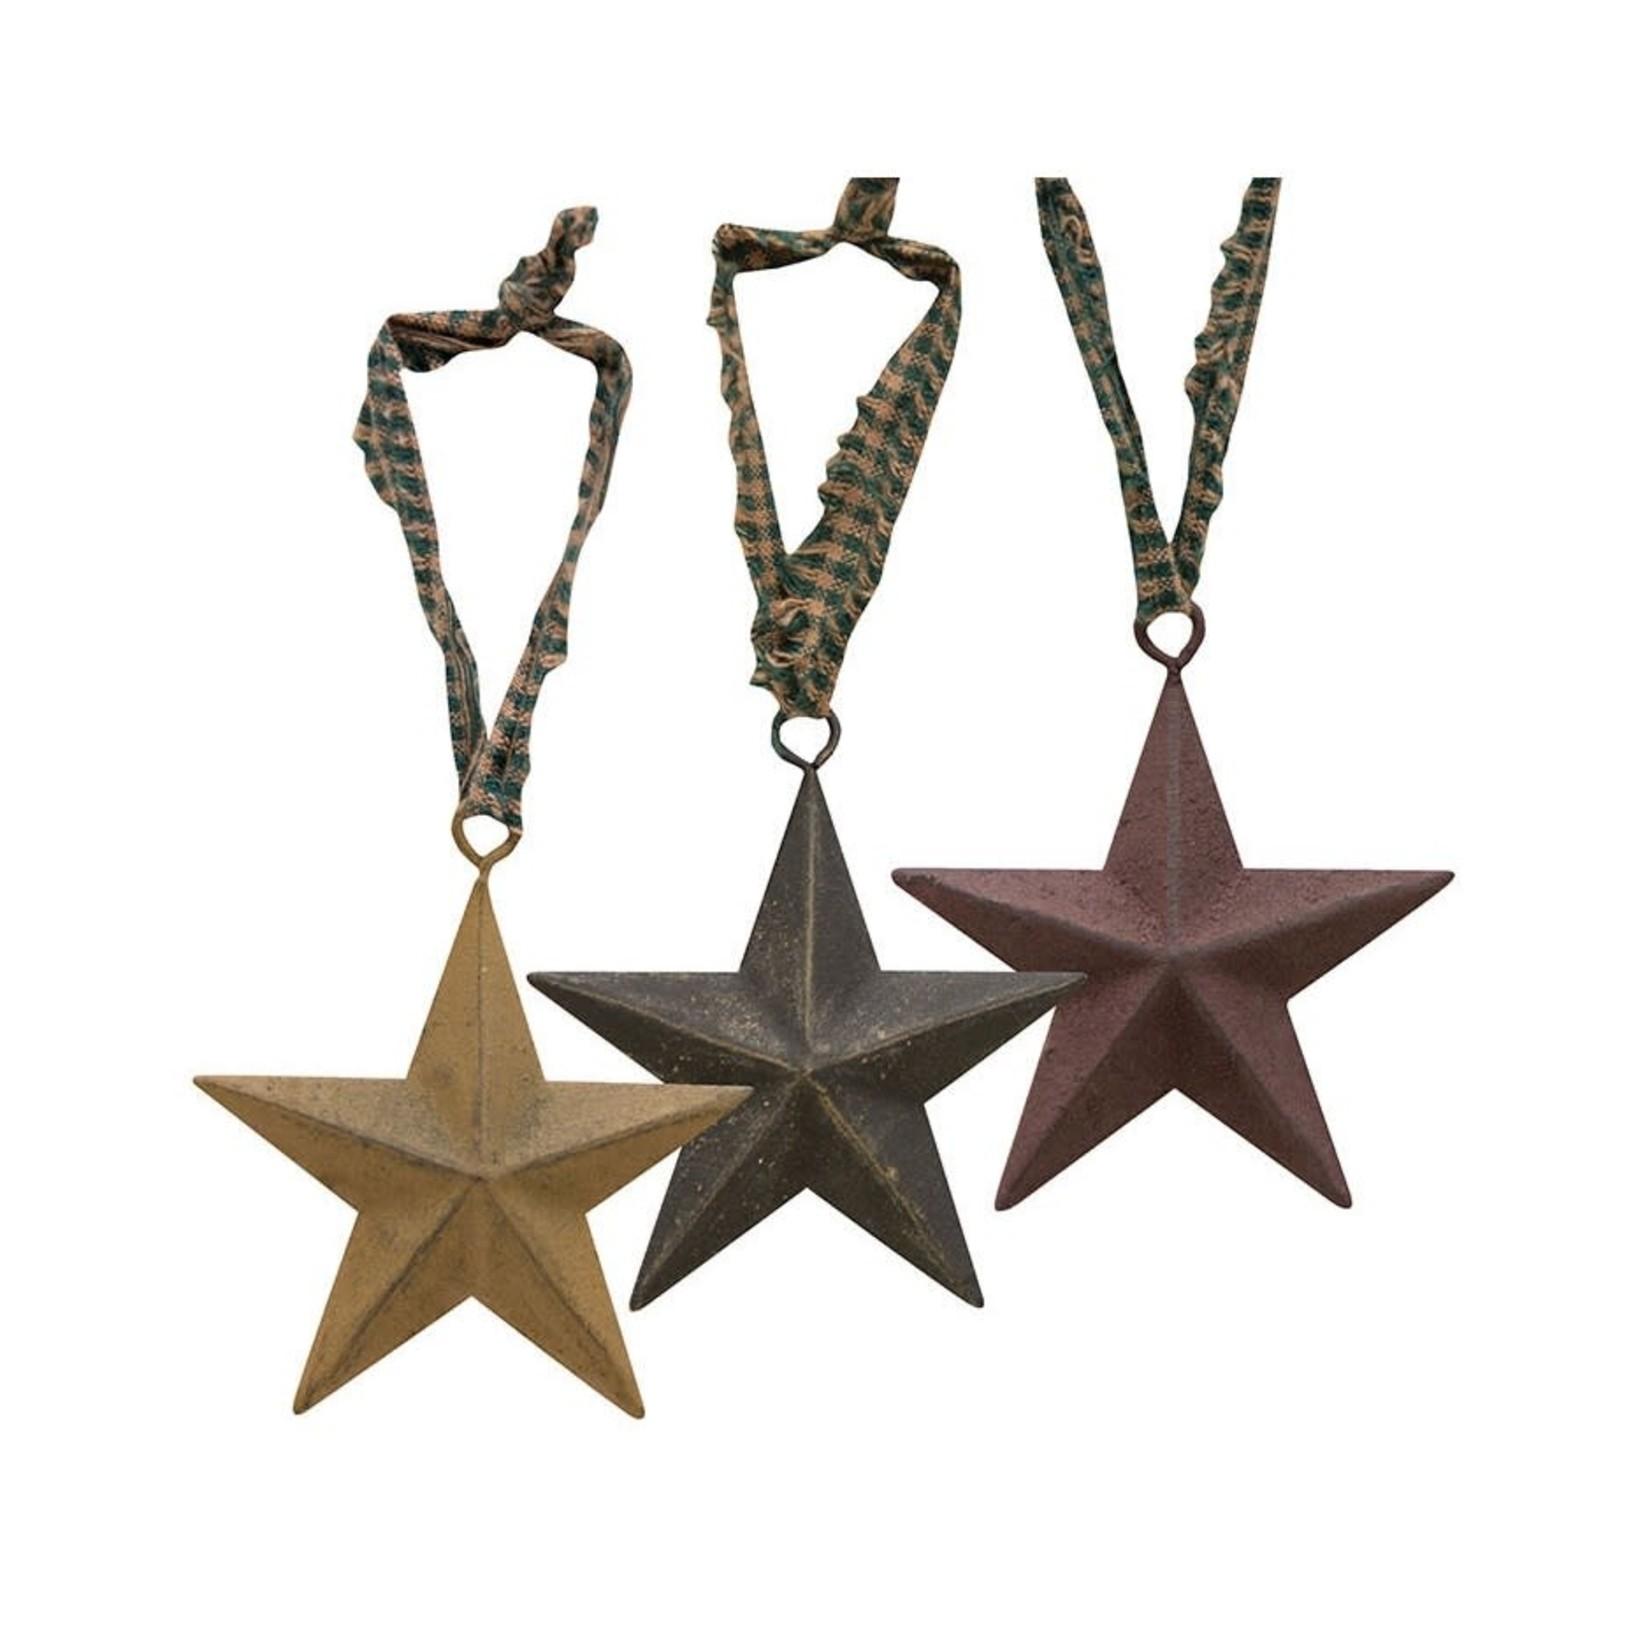 Primitive Hanging Star